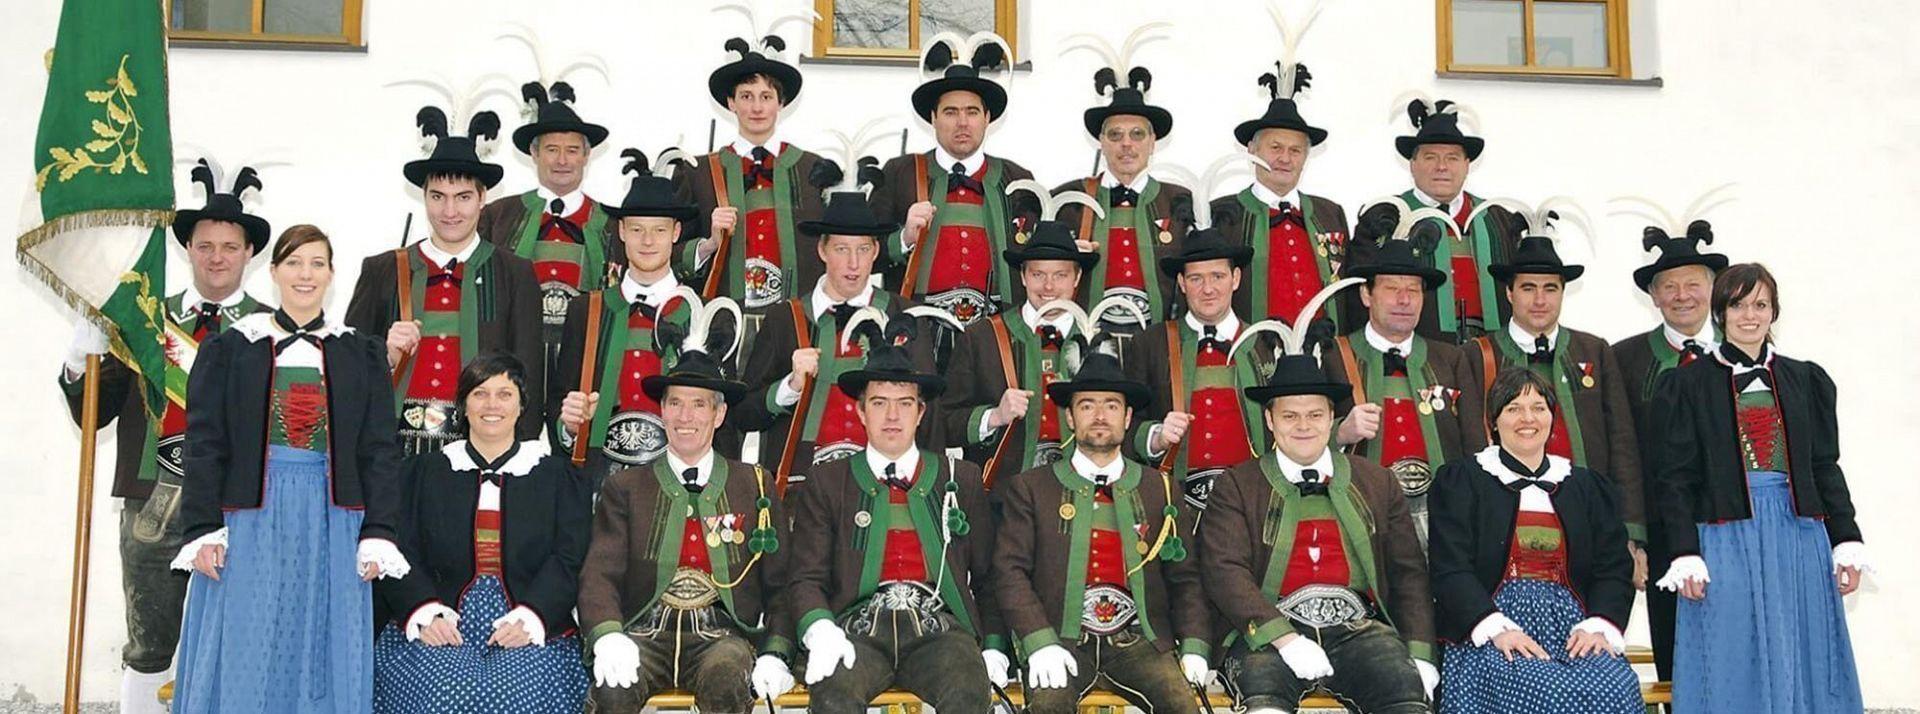 Schützenkompanie Schalders